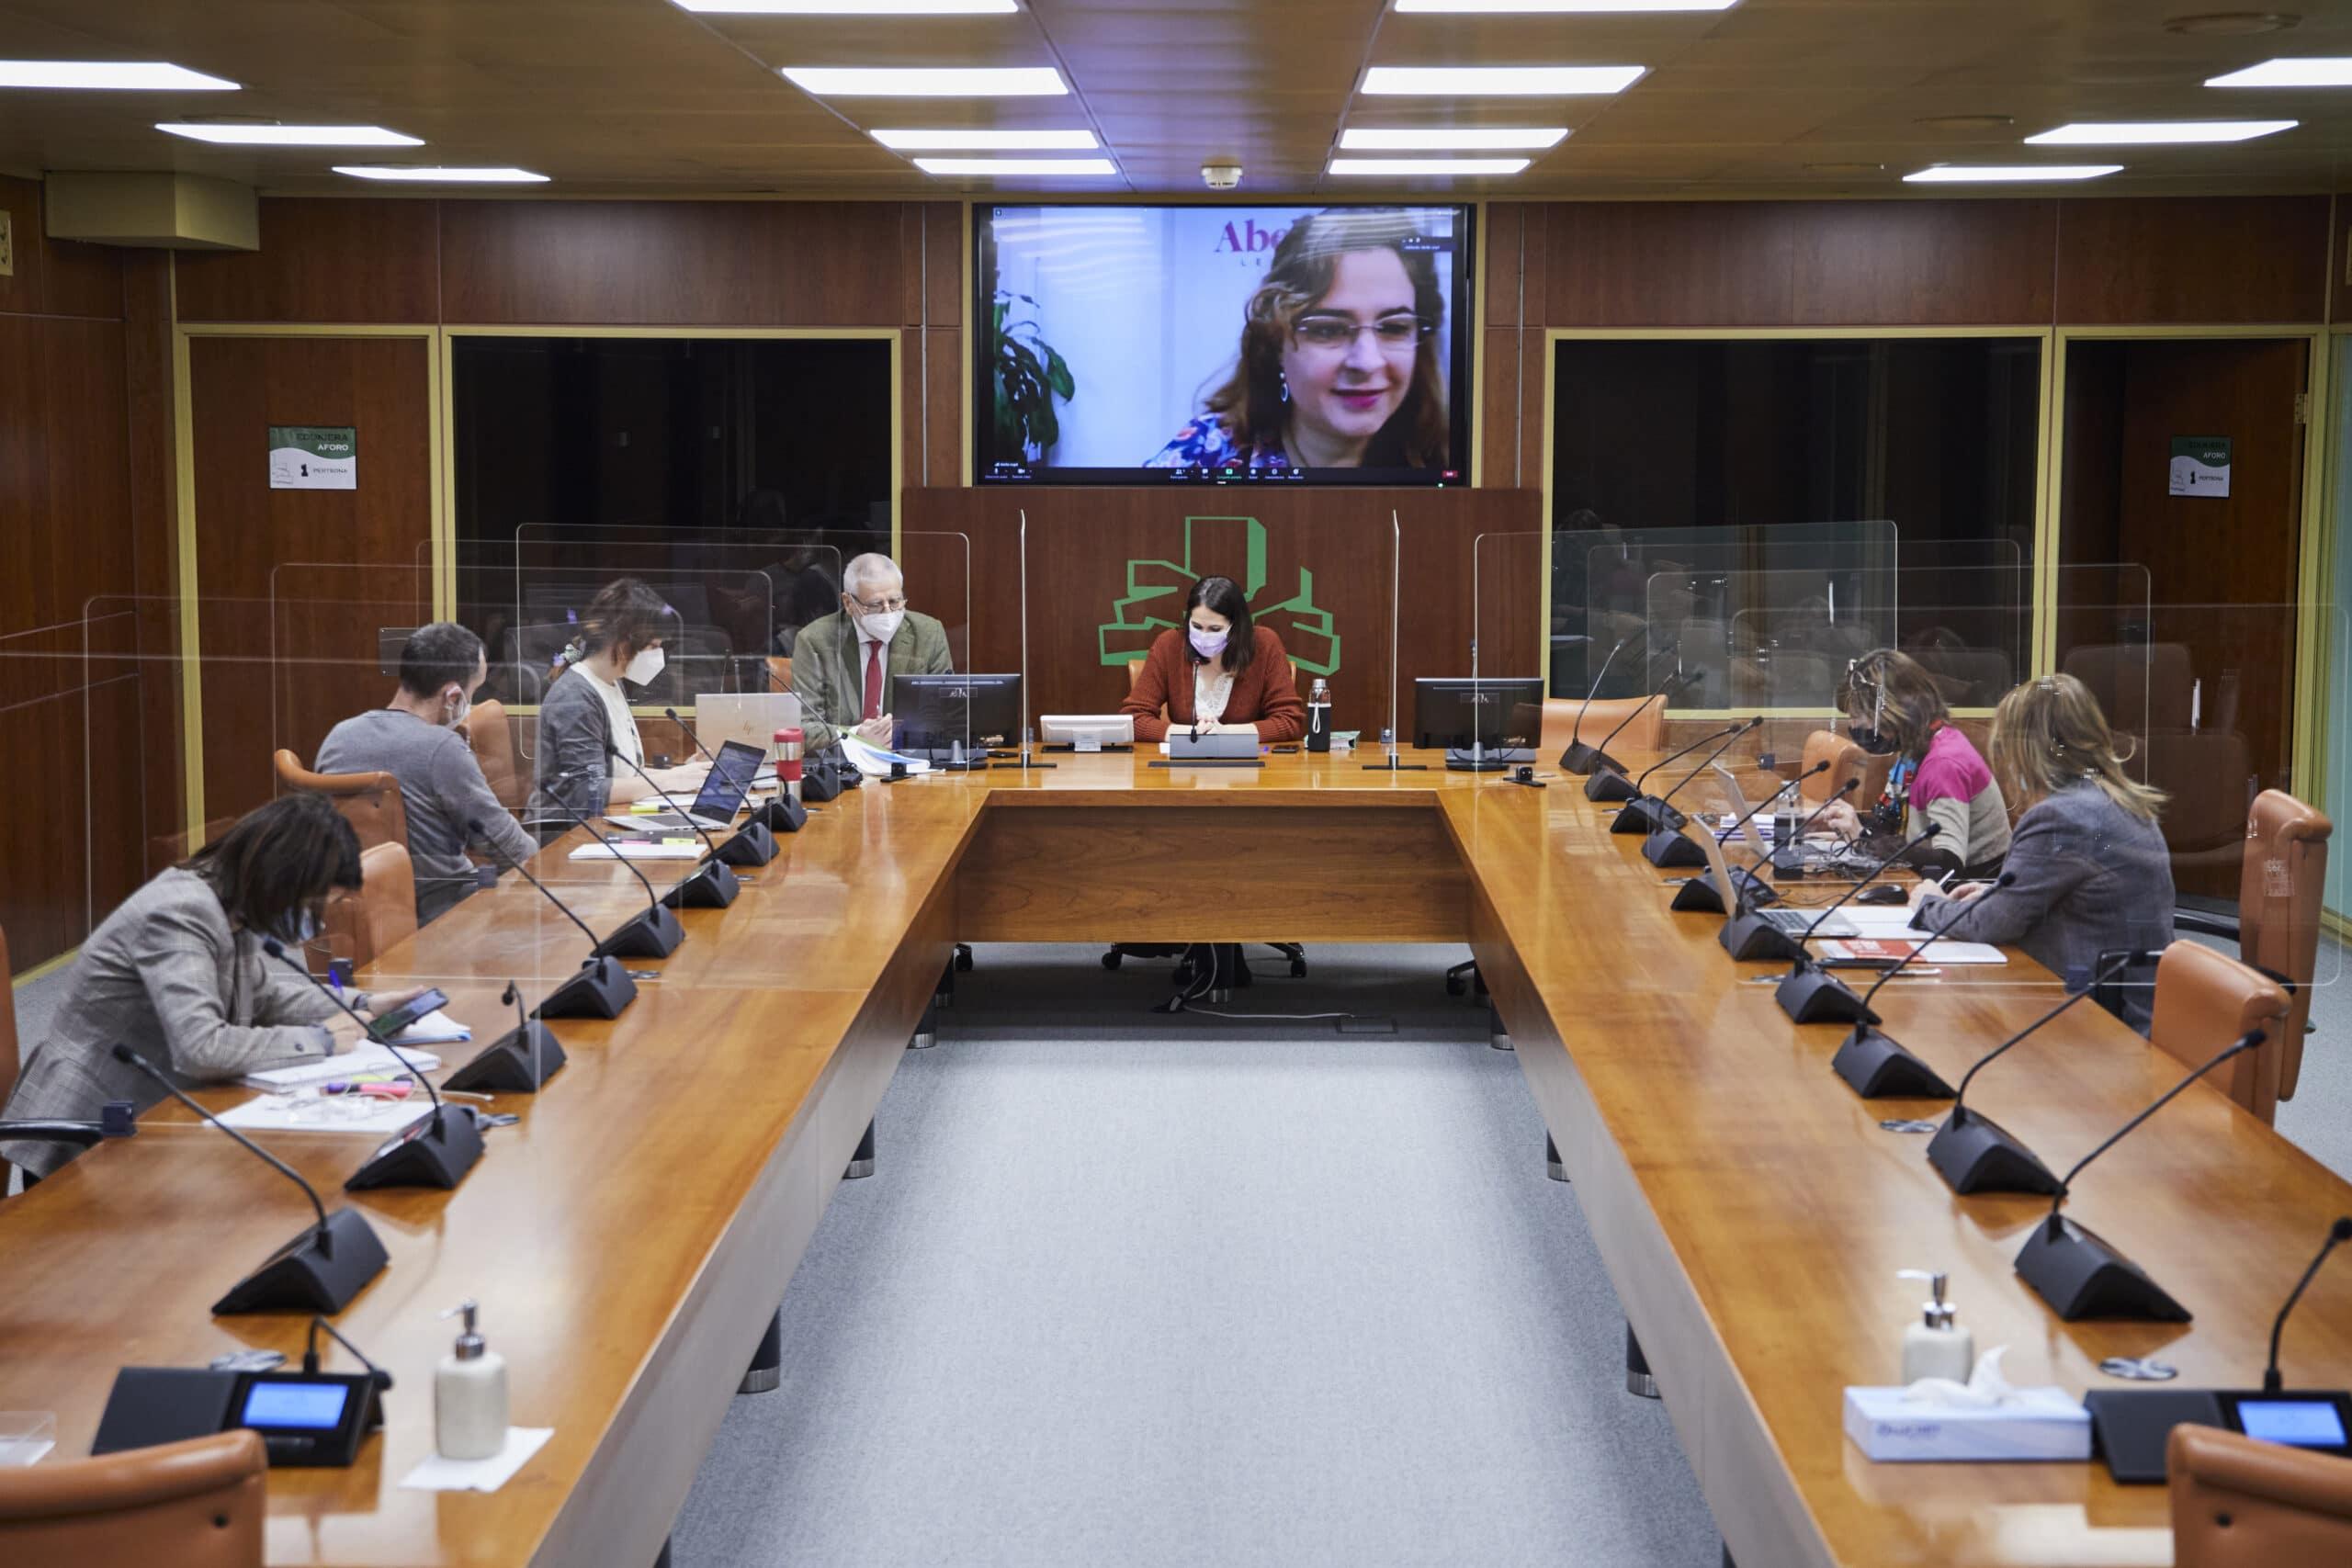 2021-02-16 Comparecencia ante el Parlamento Vasco - Comisión de Derechos Humanos, Igualdad y Justicia